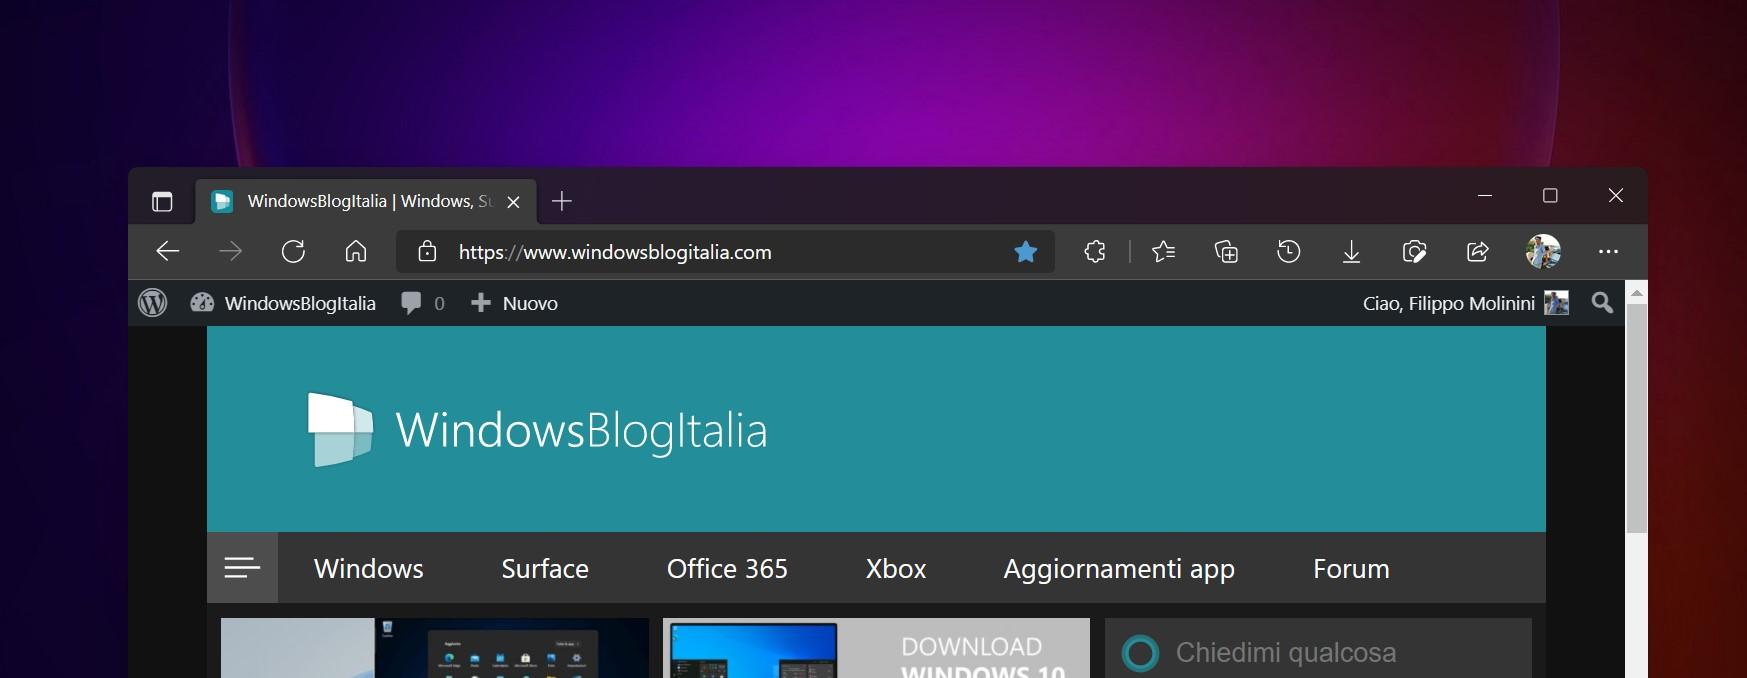 Microsoft Edge Canary - Enable Windows 11 Visual Updates - Nuovo design pulsanti minimizza, massimizza e chiudi e barra del titolo trasparente